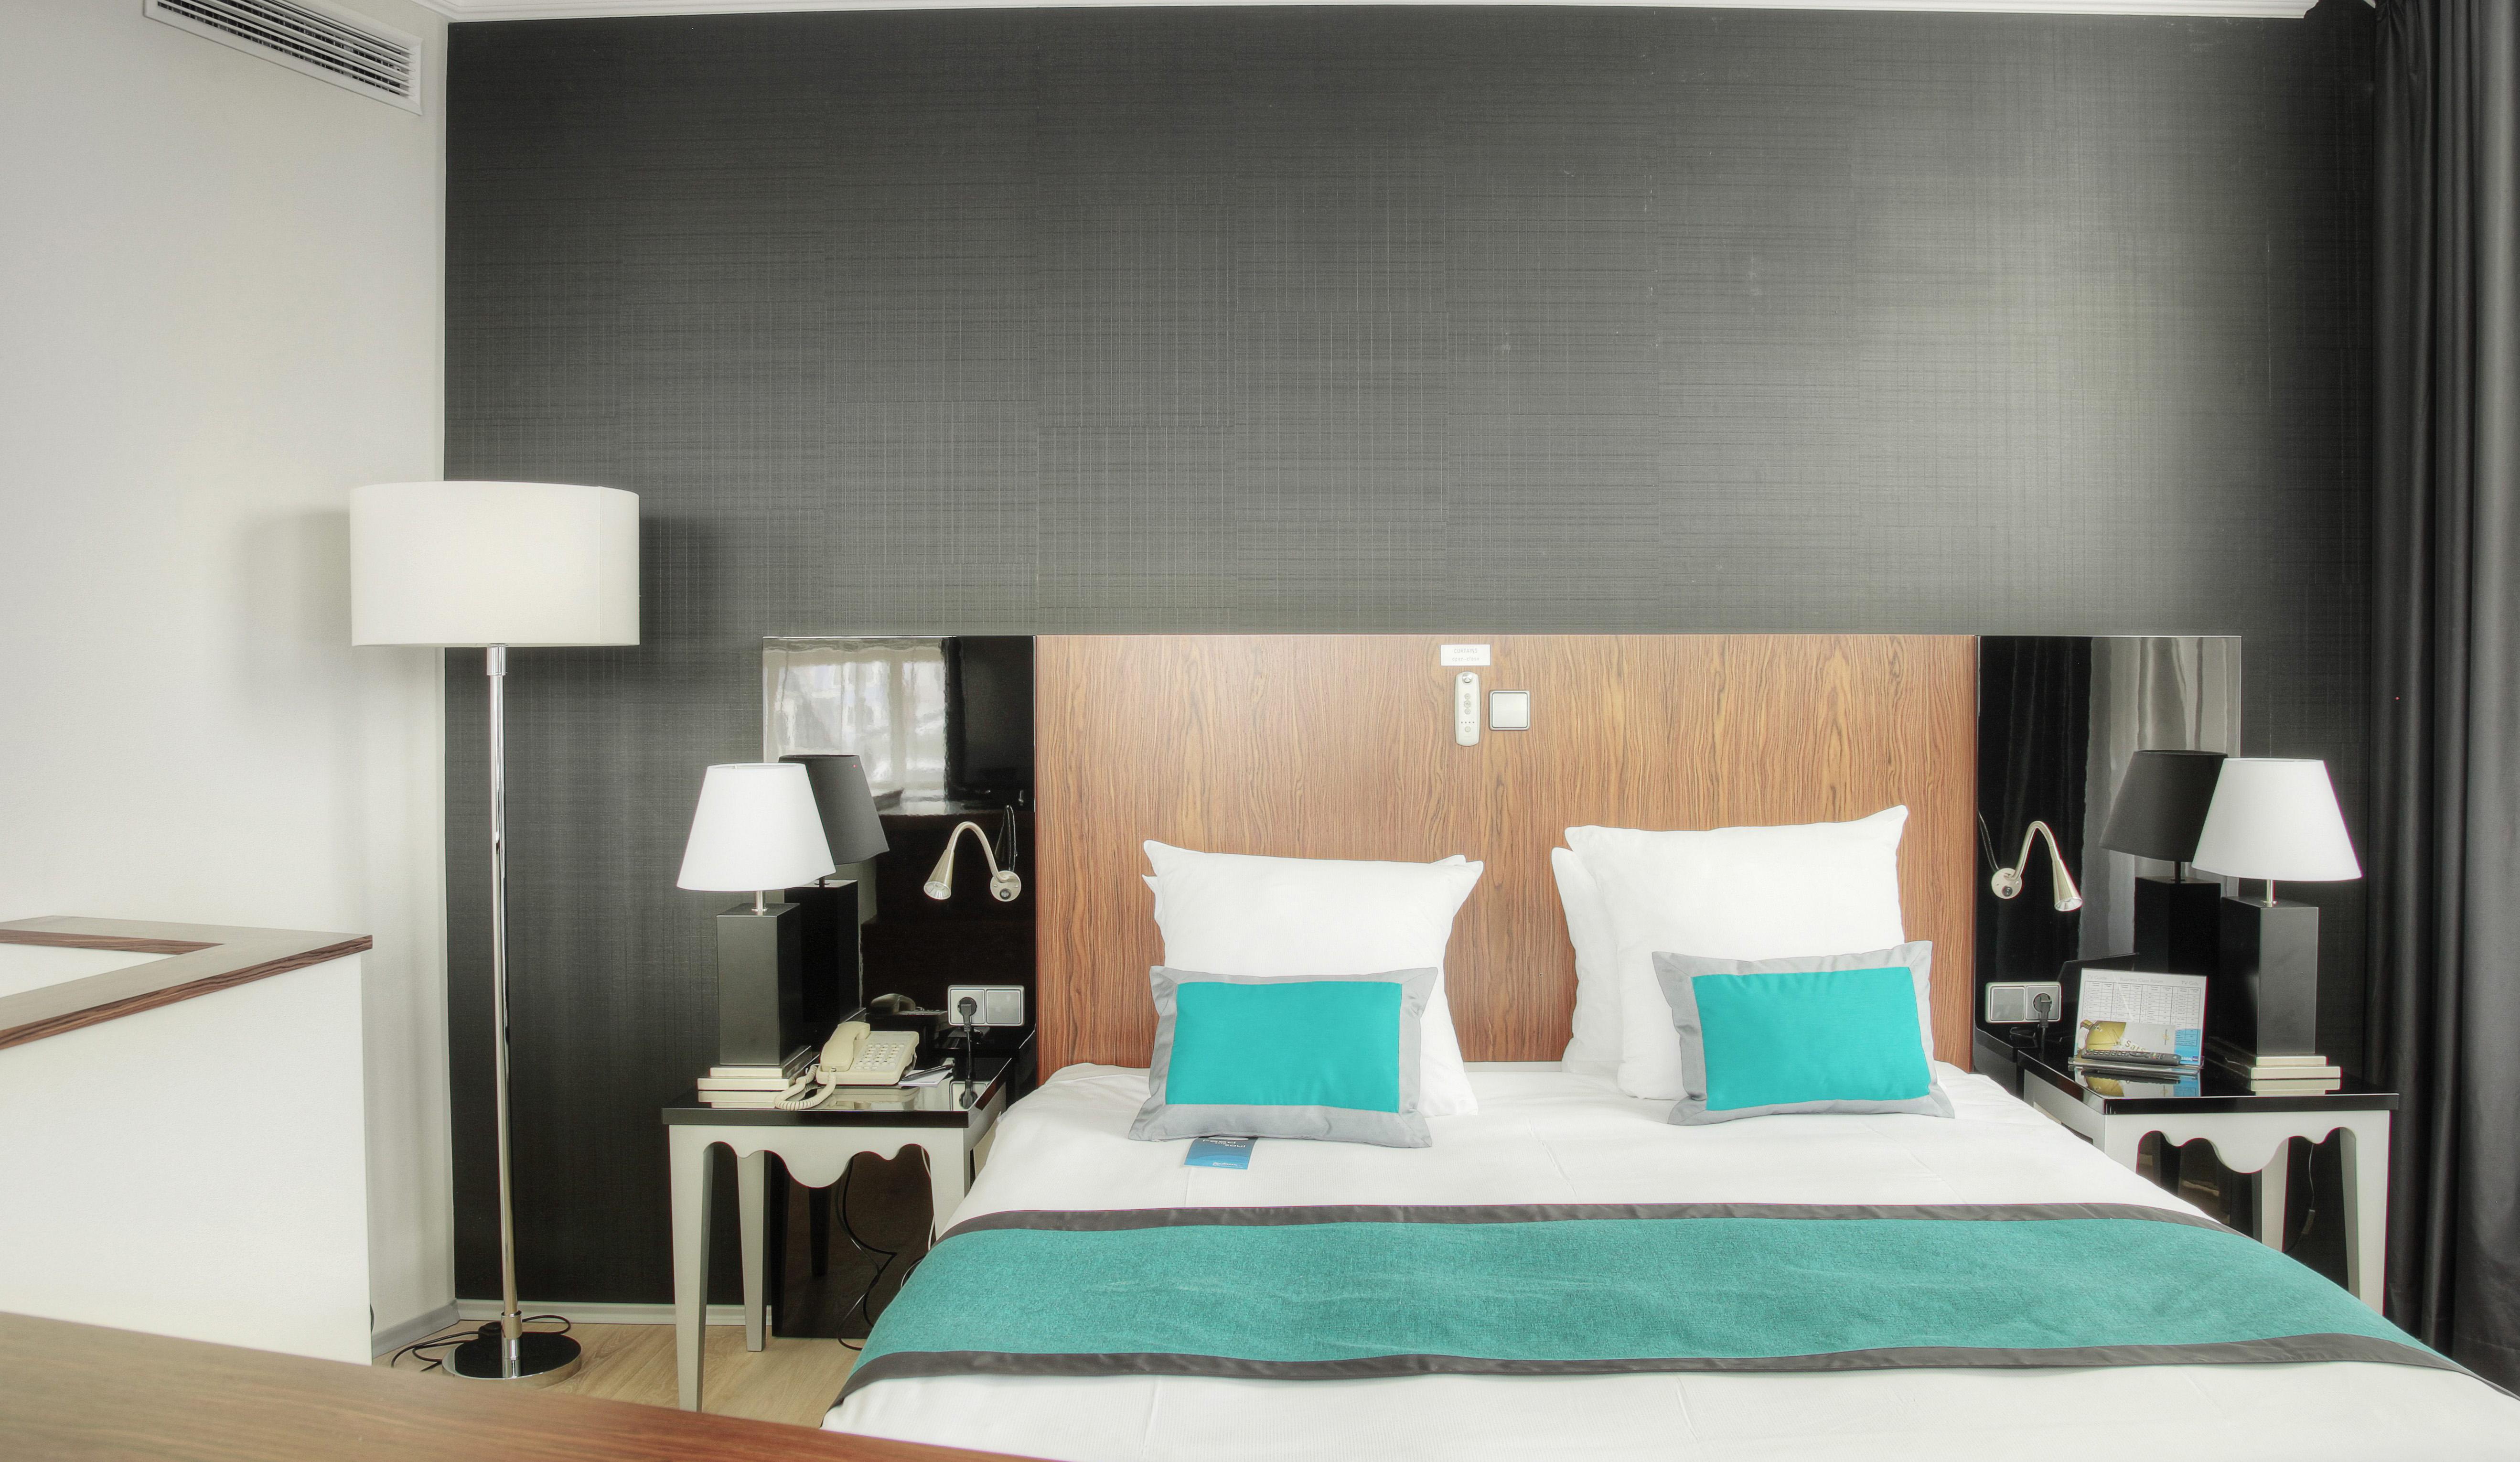 Deco voor volwassen kamer maison design obas